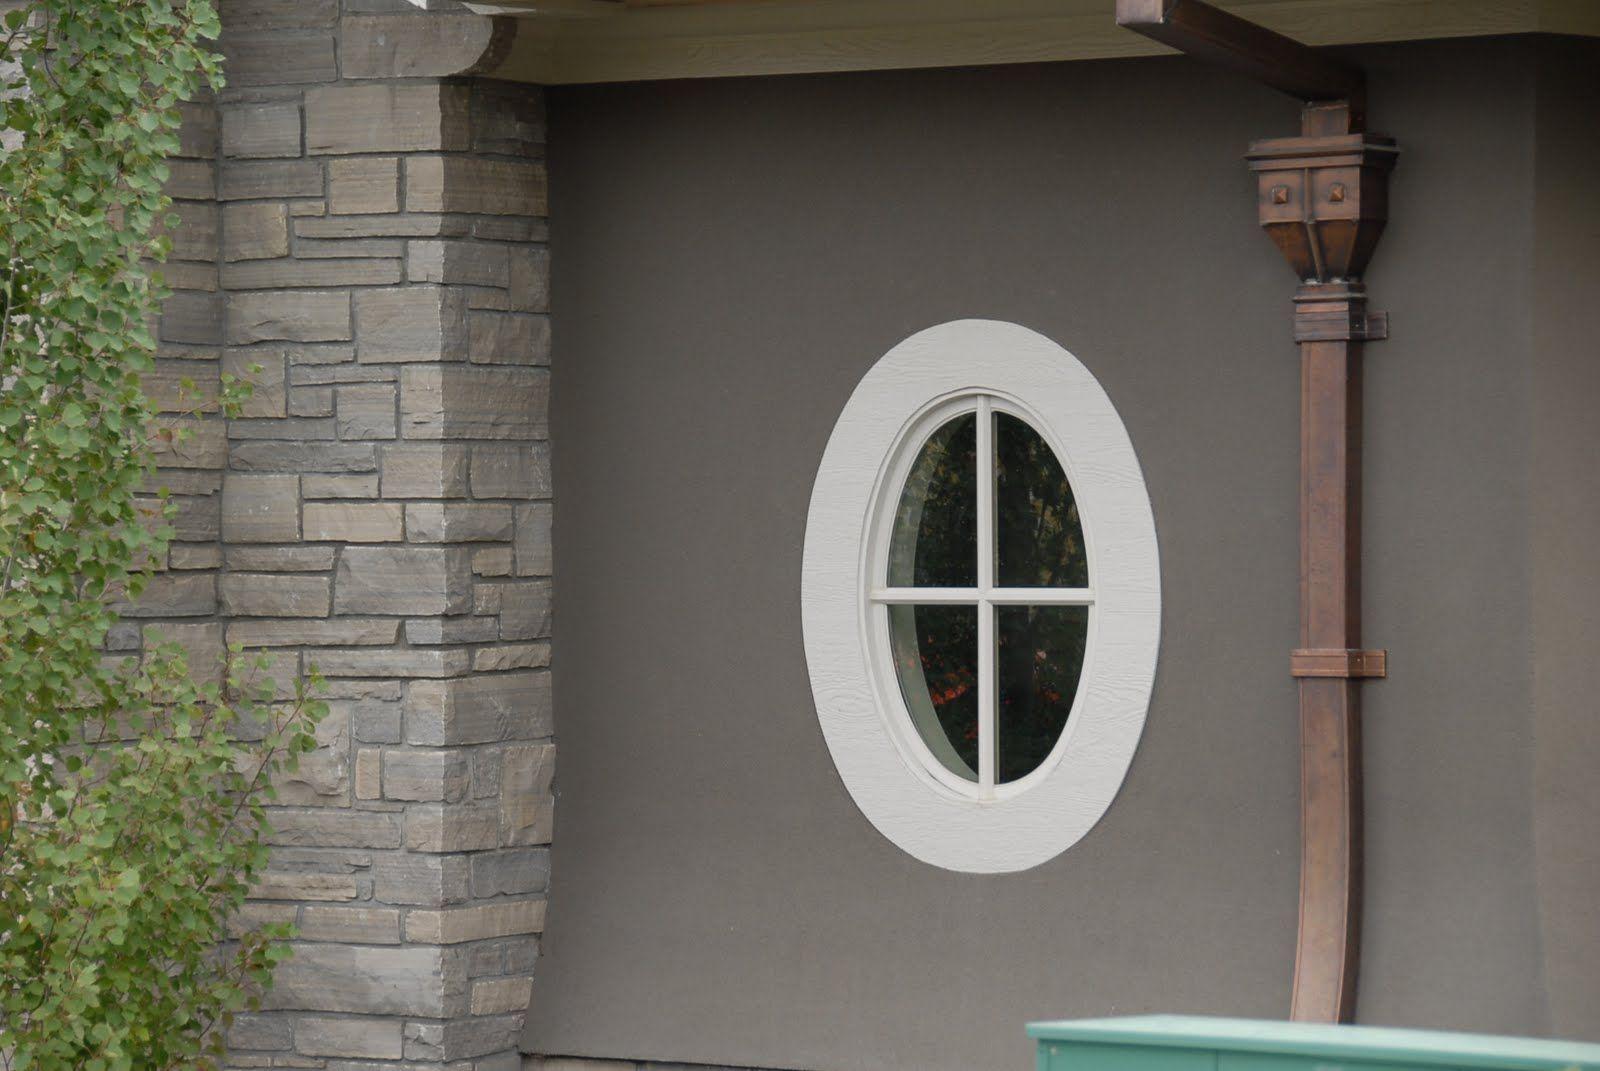 Exterior house color schemes stucco - Stucco Exterior